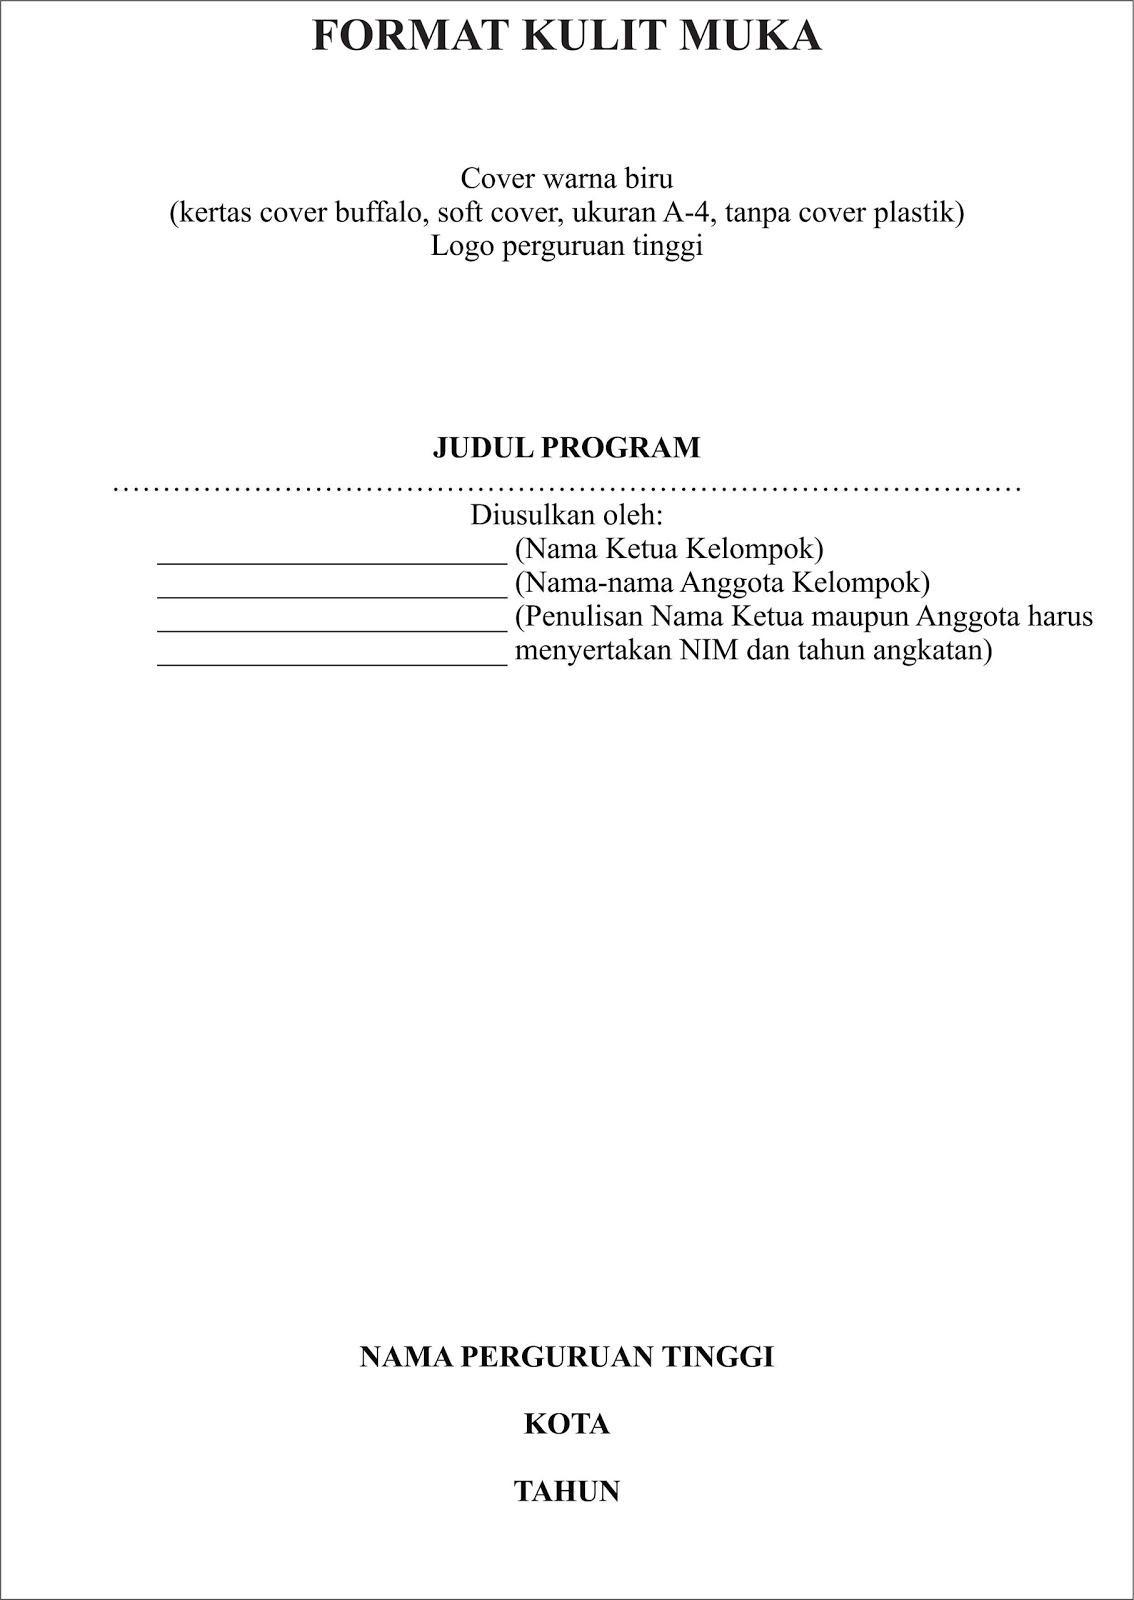 Karya Tulis Kimia Contoh Judul Karya Tulis Ilmiah Dalam Bentuk Makalah Kimia Universitas Airlangga Contoh Cover Makalah